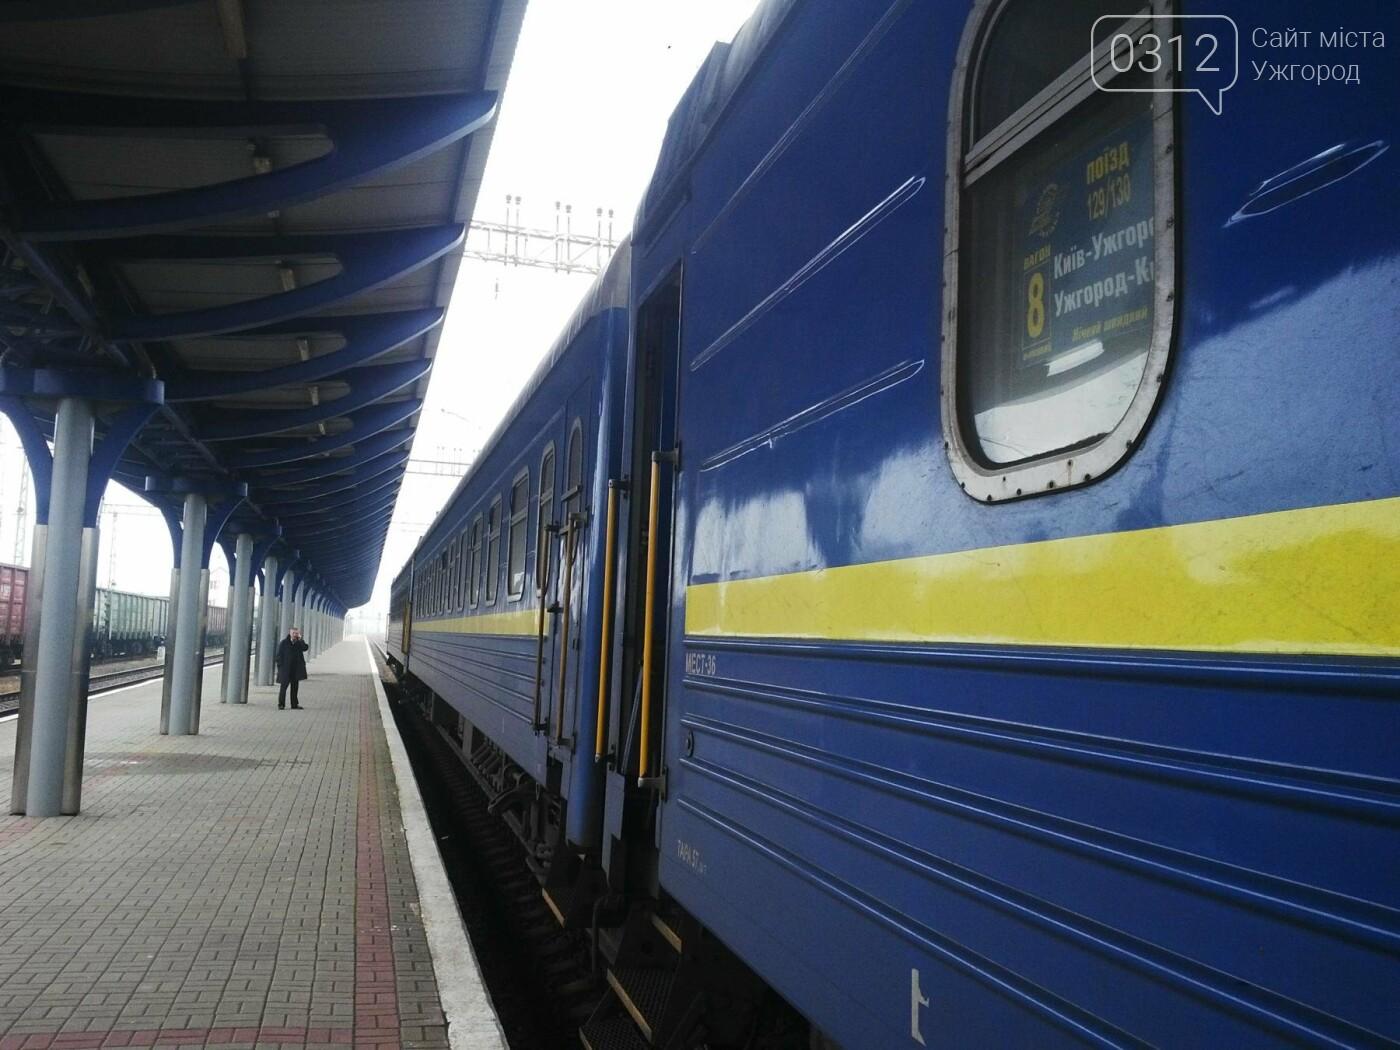 Як виглядають купе нових вагонів потягу «Ужгород-Київ» 2016 року випуску: фоторепортаж, фото-15